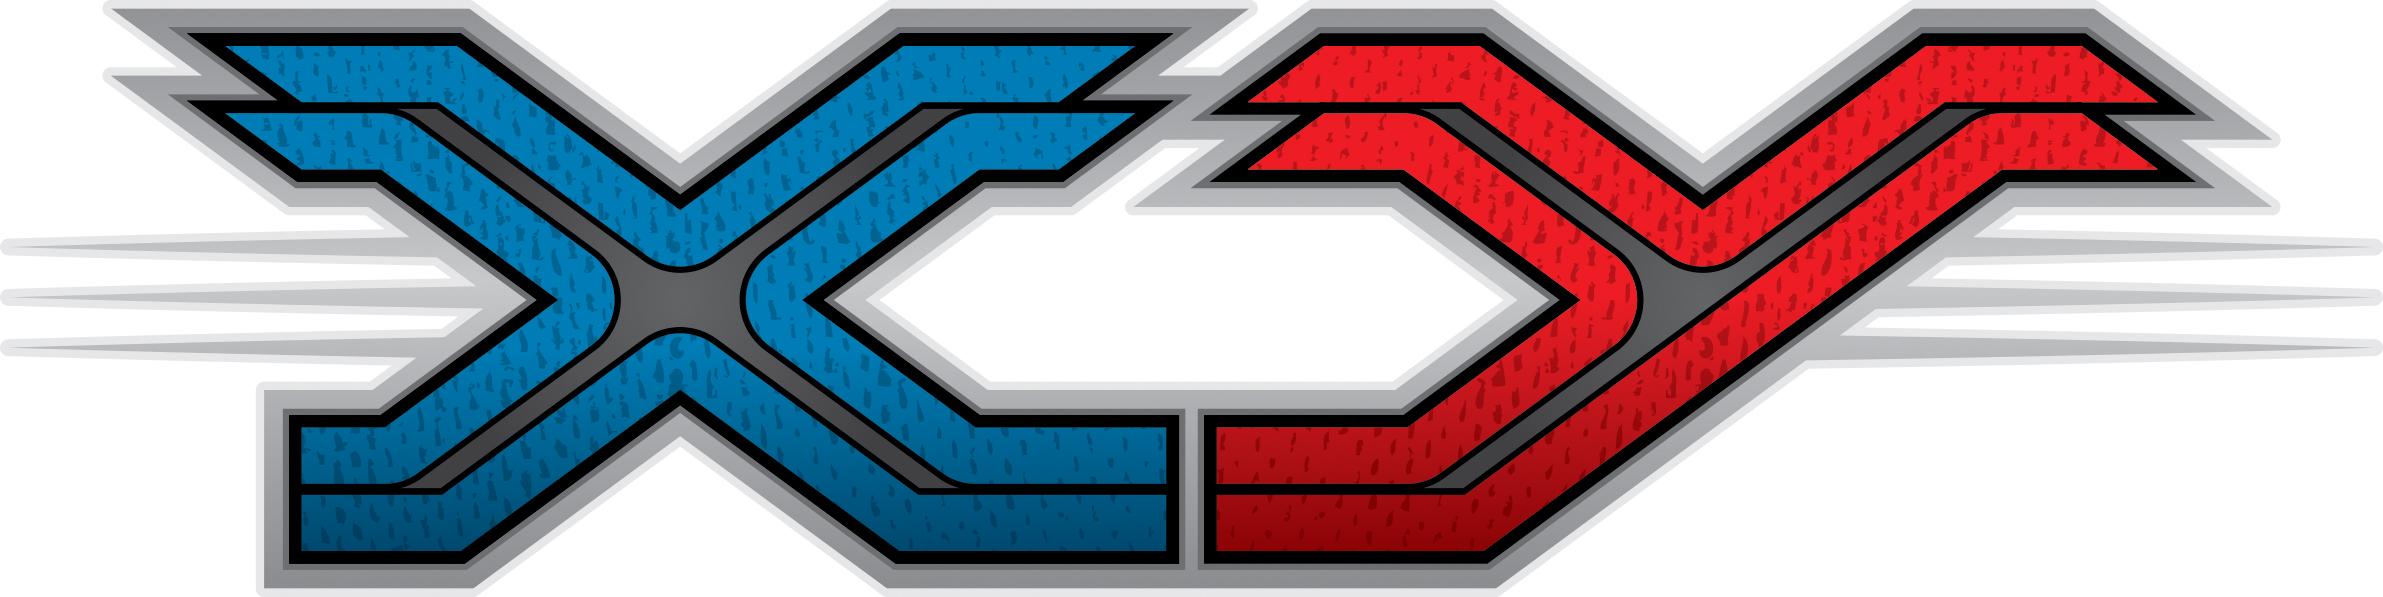 XY_TCG_logo_cmyk